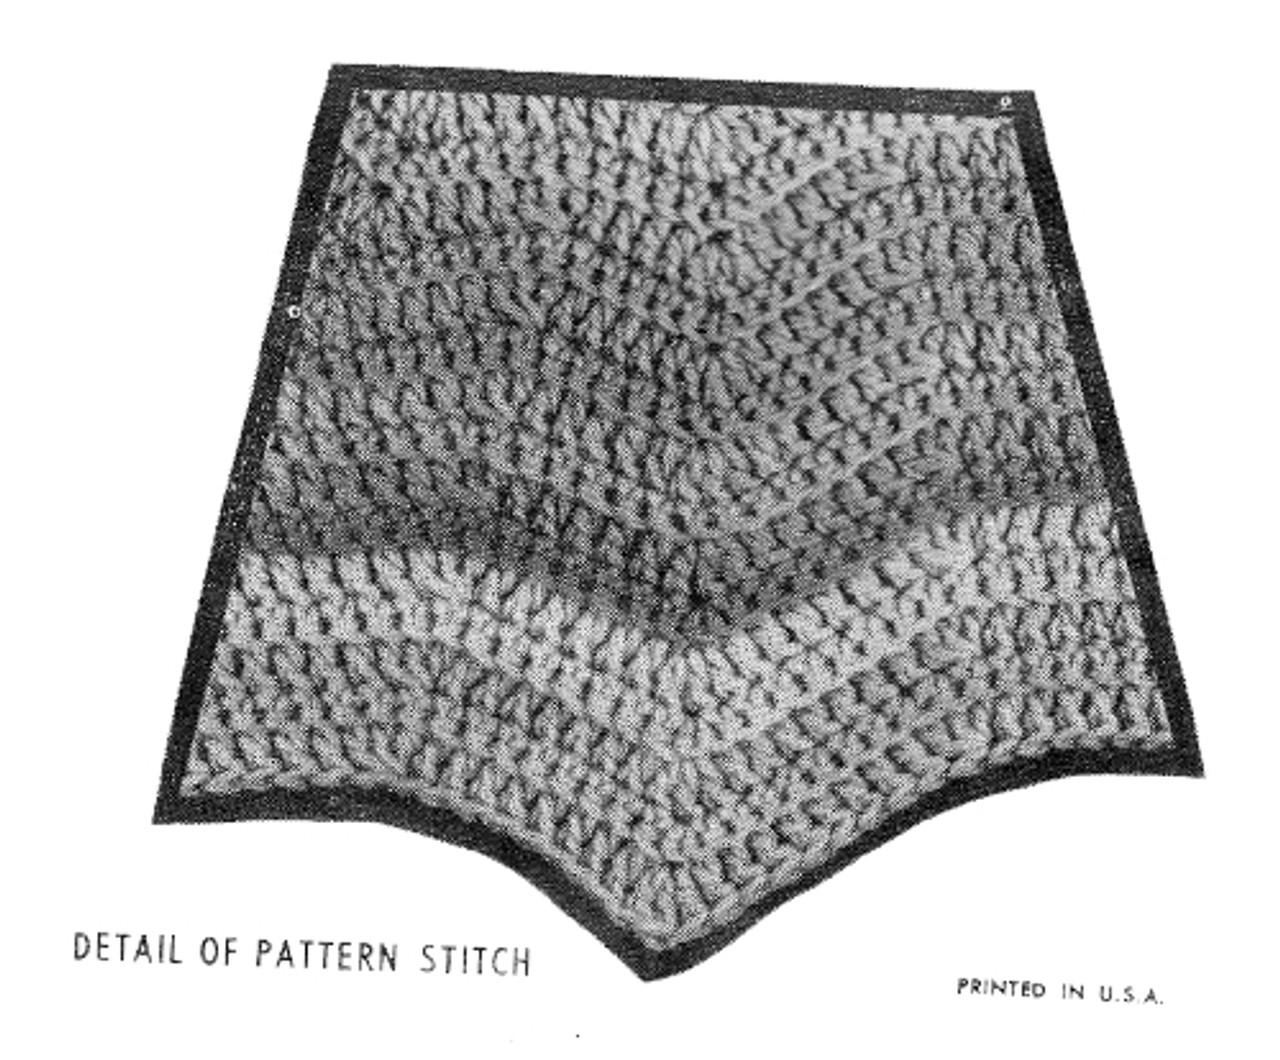 Chevron Poncho Crochet Stitch Illustration